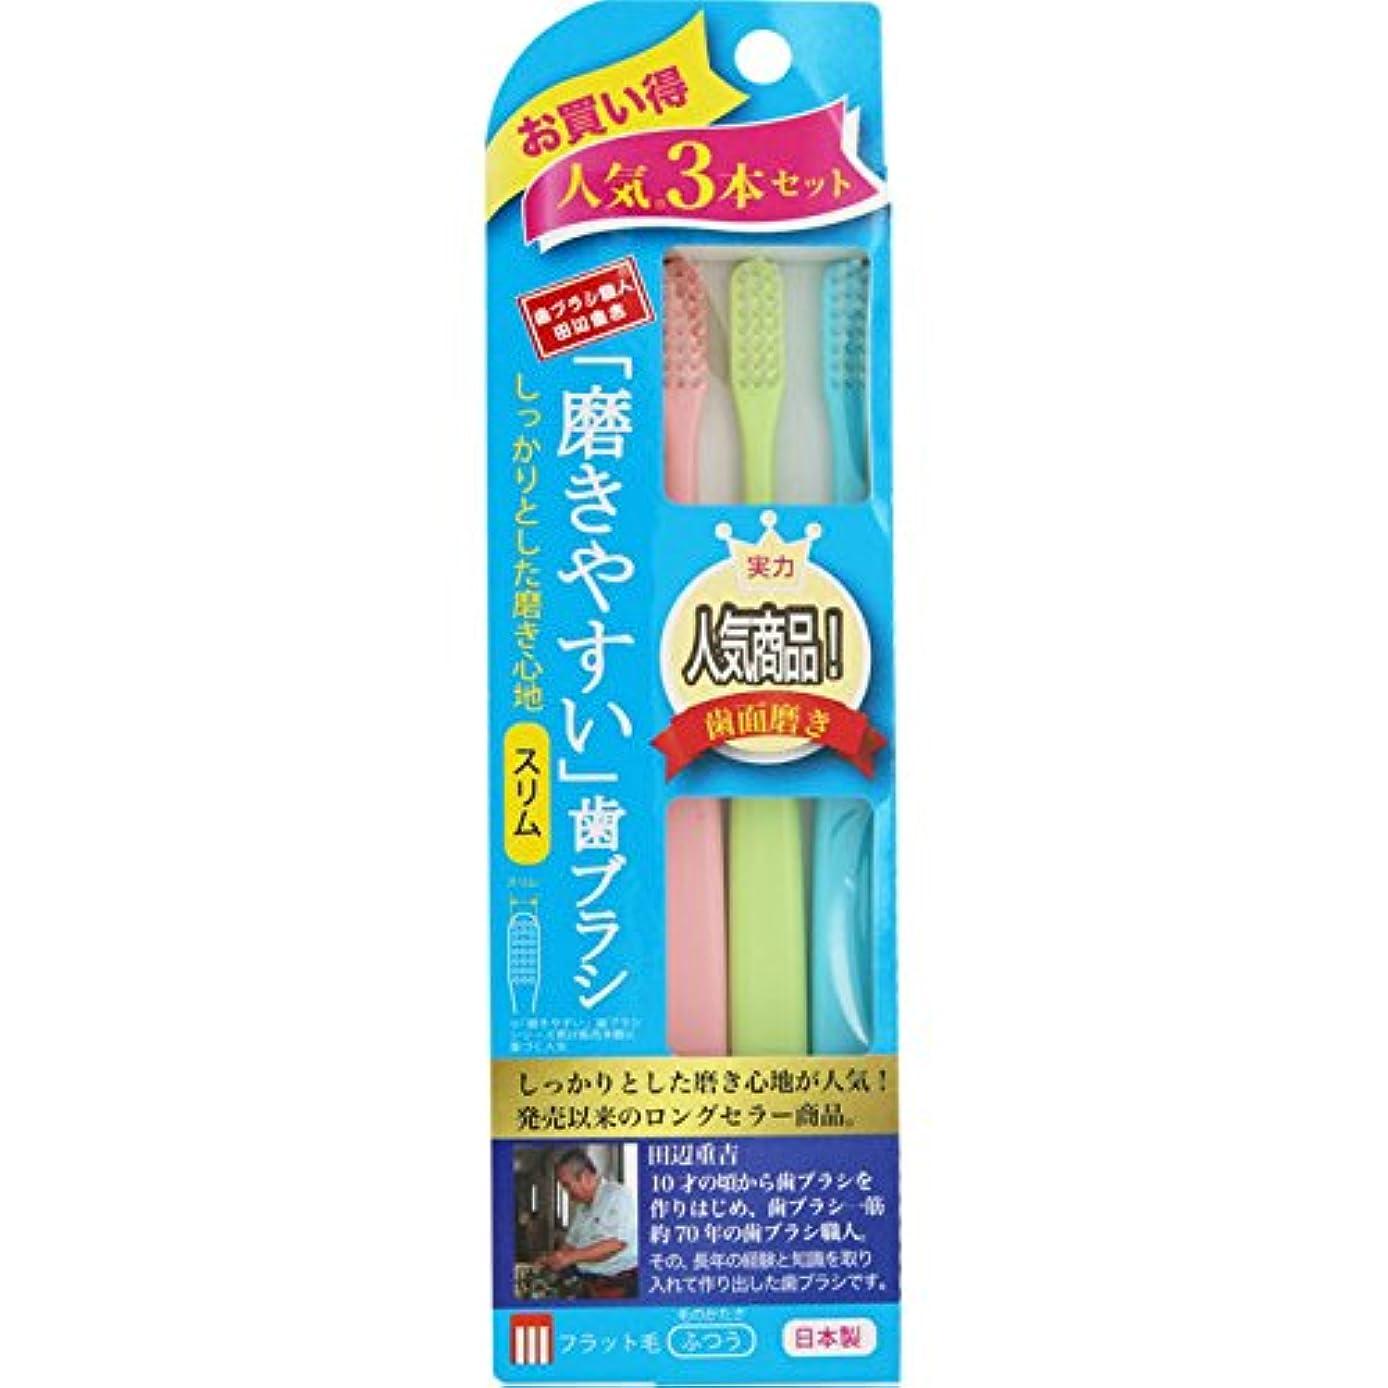 受付金属望ましい磨きやすい歯ブラシ フラット毛 スリム 3本組